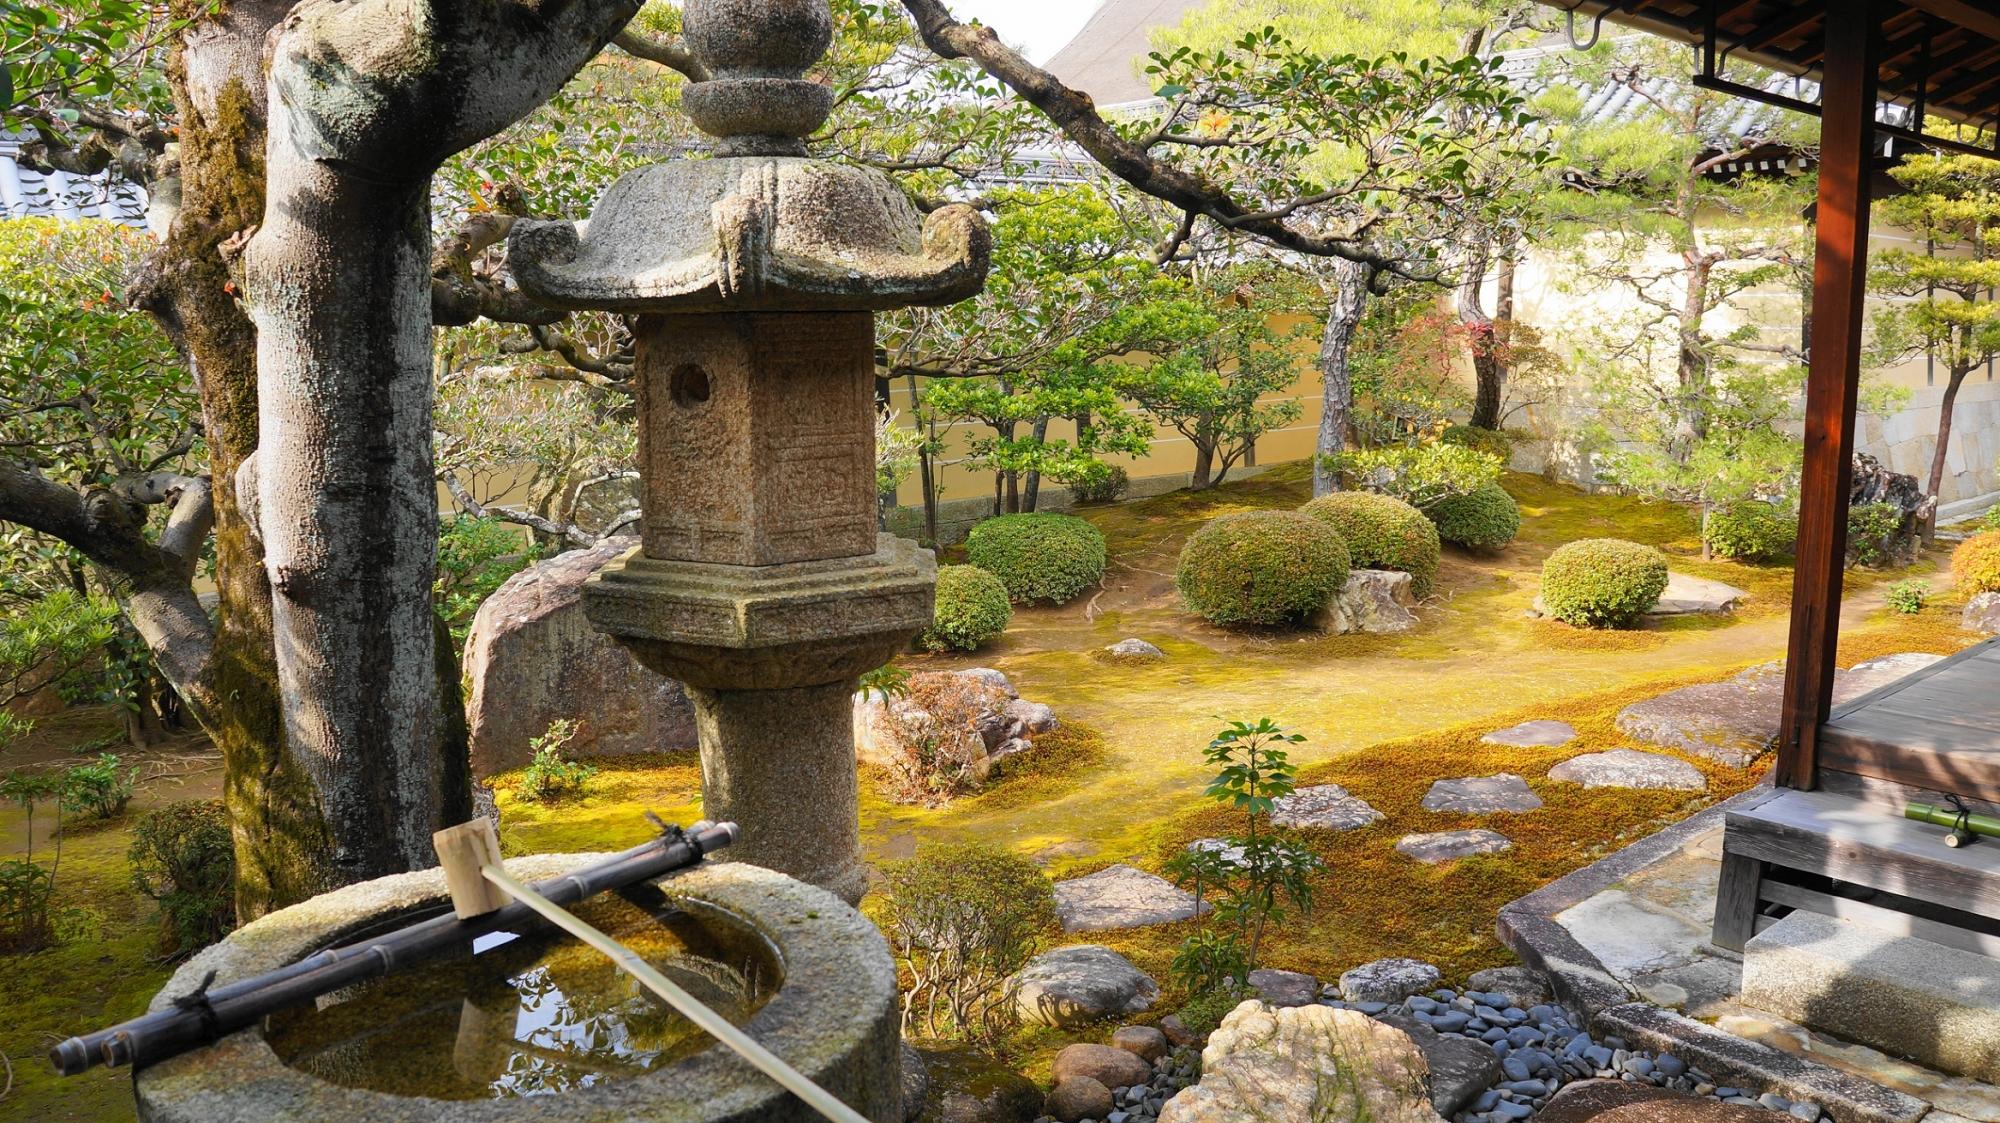 妙心寺塔頭の東海庵の美しい相の庭